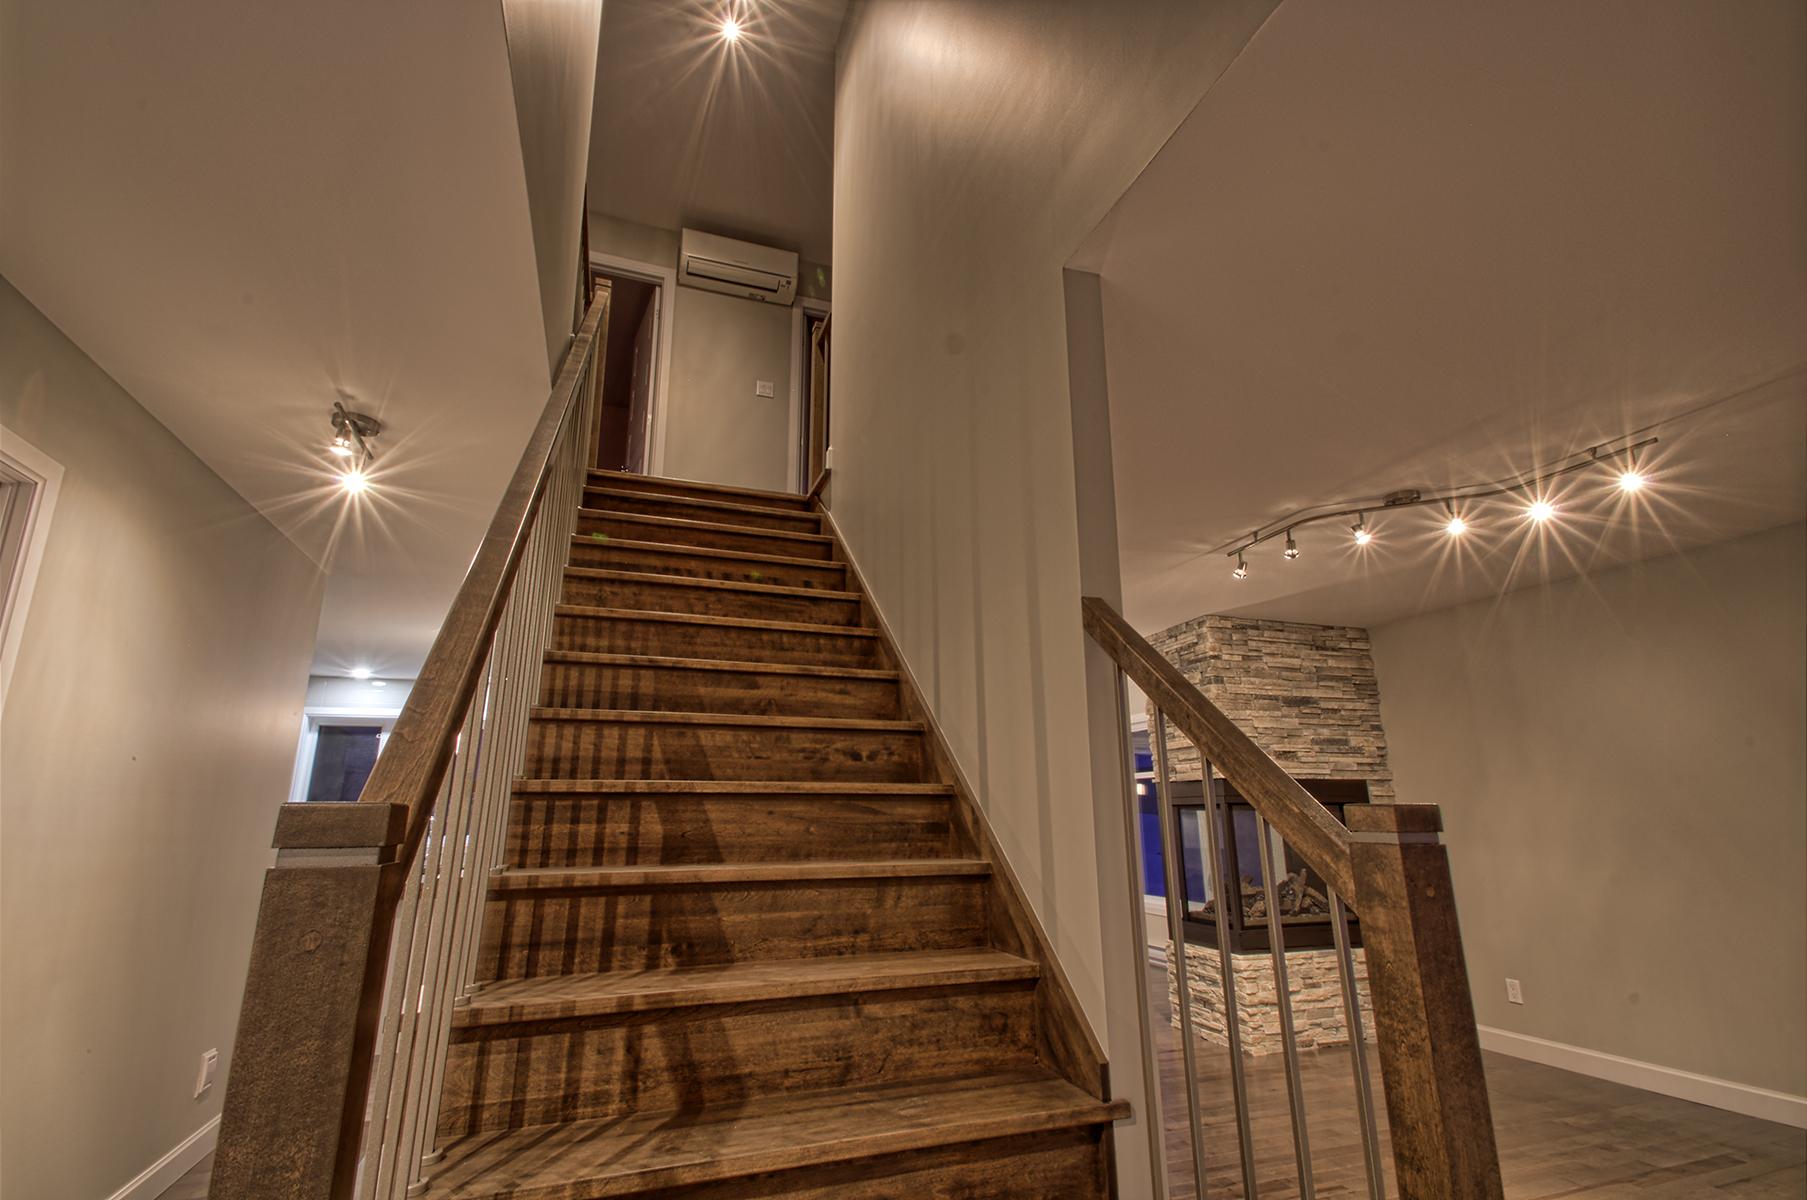 C 347 escalier for Modele maison nicolas